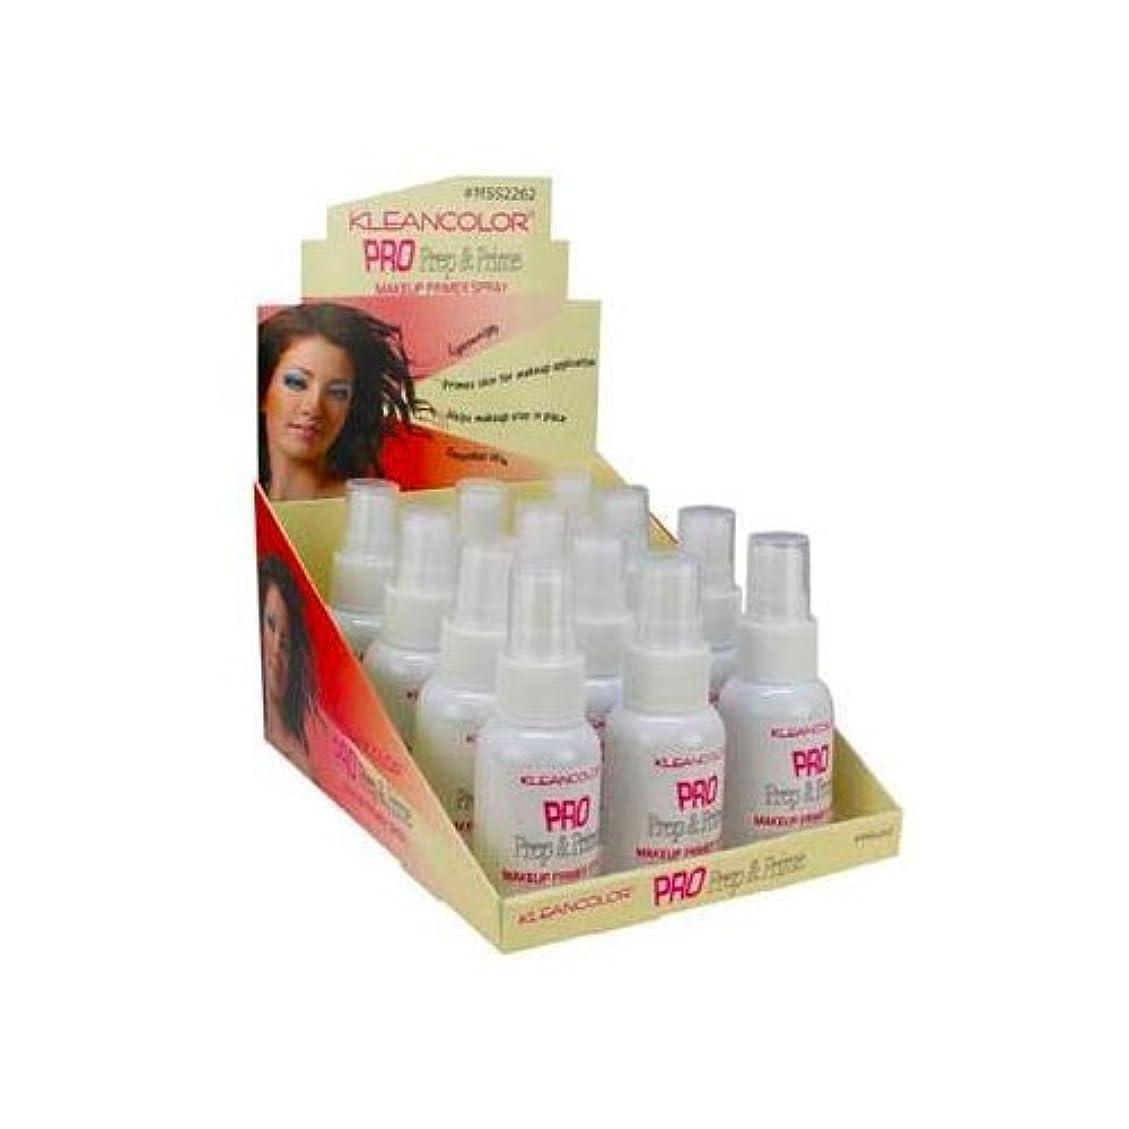 KLEANCOLOR Pro Prep and Prime - Makeup Primer Spray (並行輸入品)